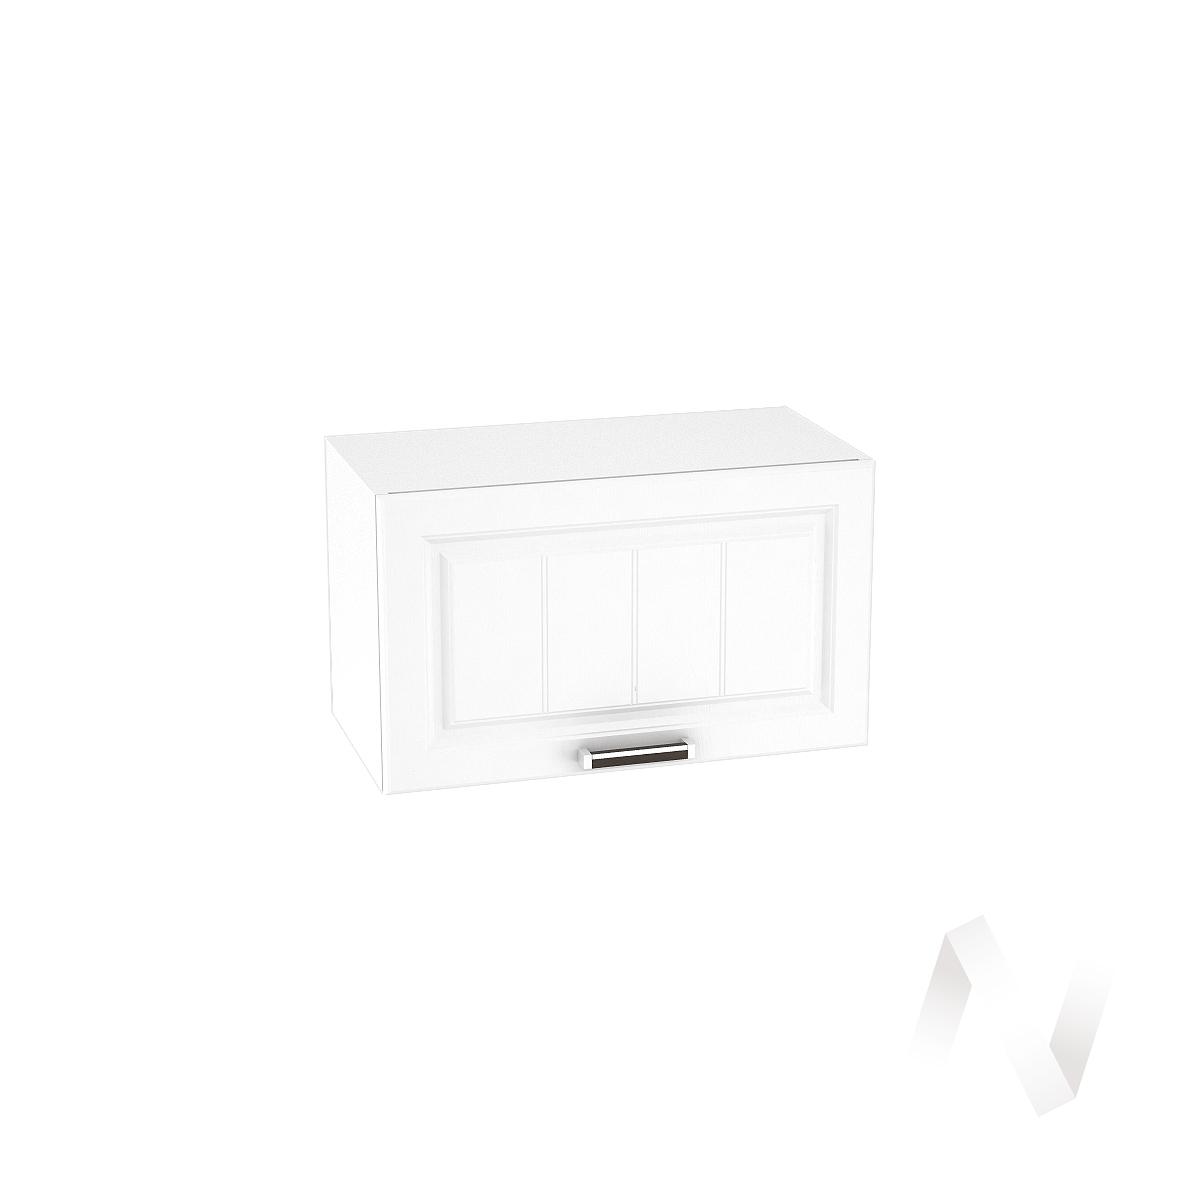 """Кухня """"Прага"""": Шкаф верхний горизонтальный 600, ШВГ 600 (белое дерево/корпус белый)"""